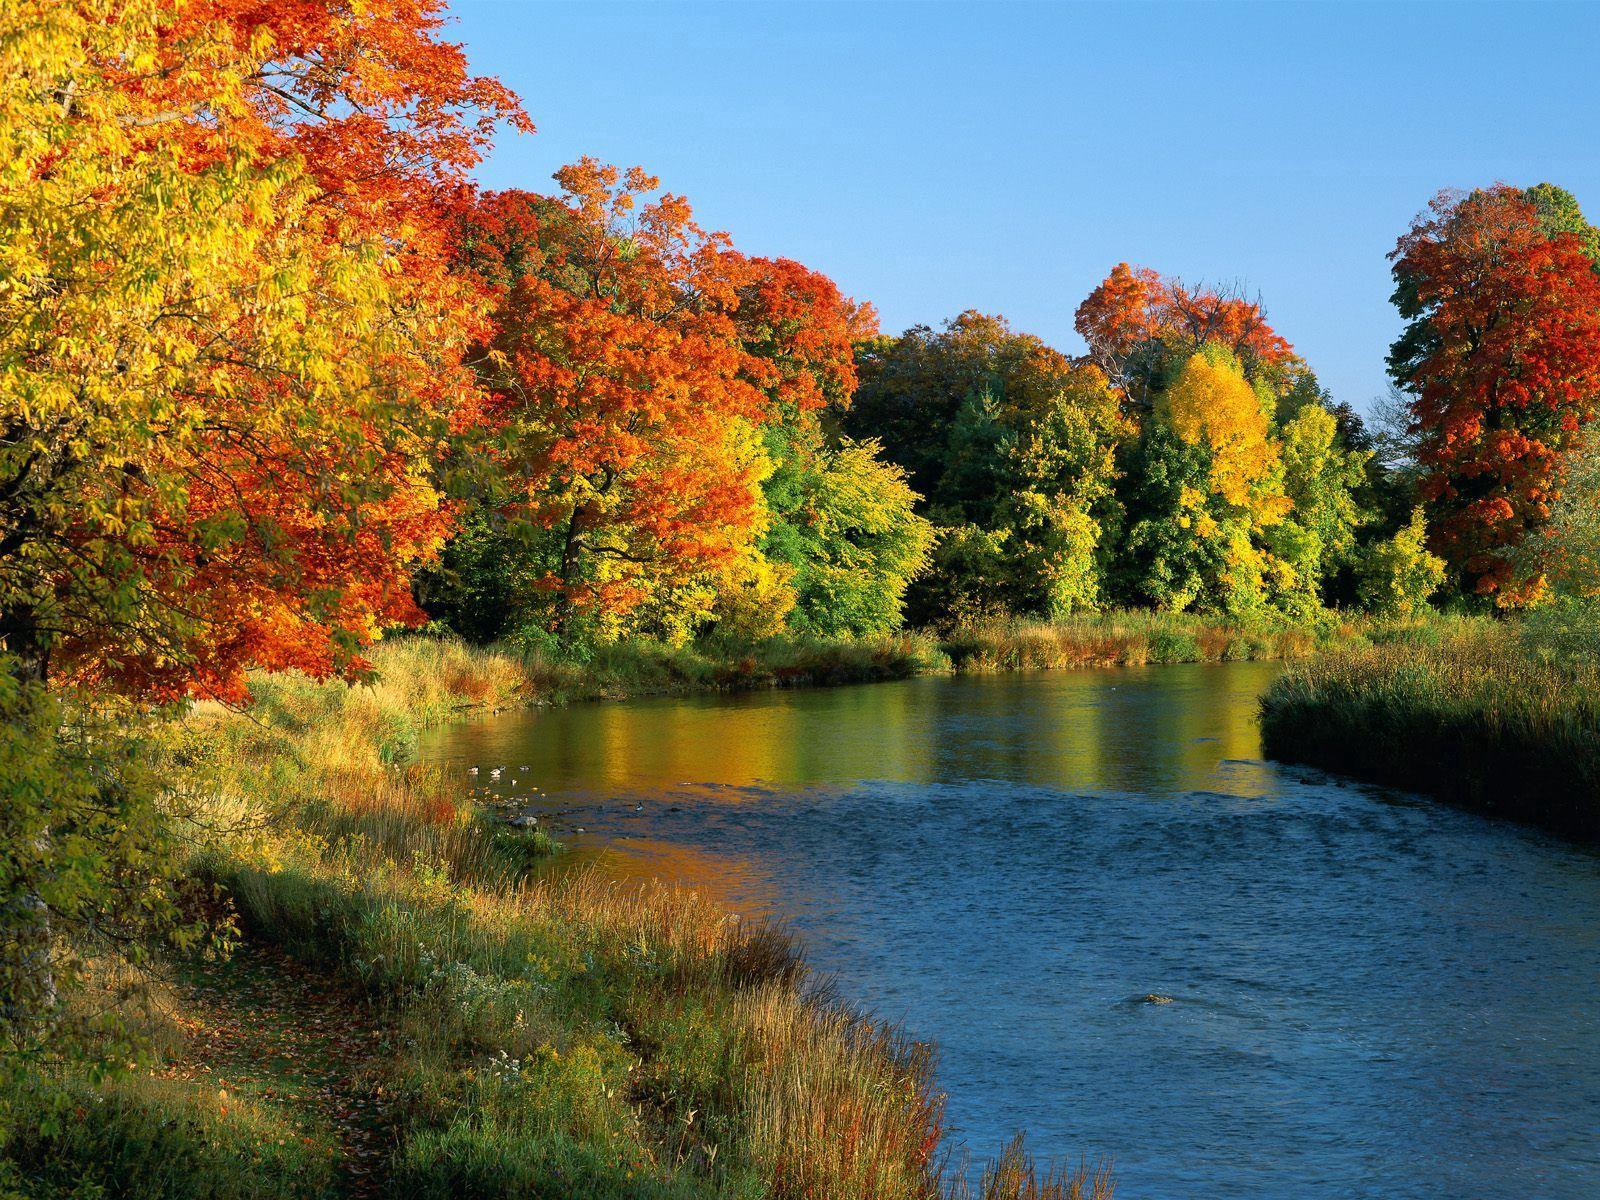 86502 скачать обои Природа, Онтарио, Канада, Деревья, Река, Берега, Осень, Течение - заставки и картинки бесплатно